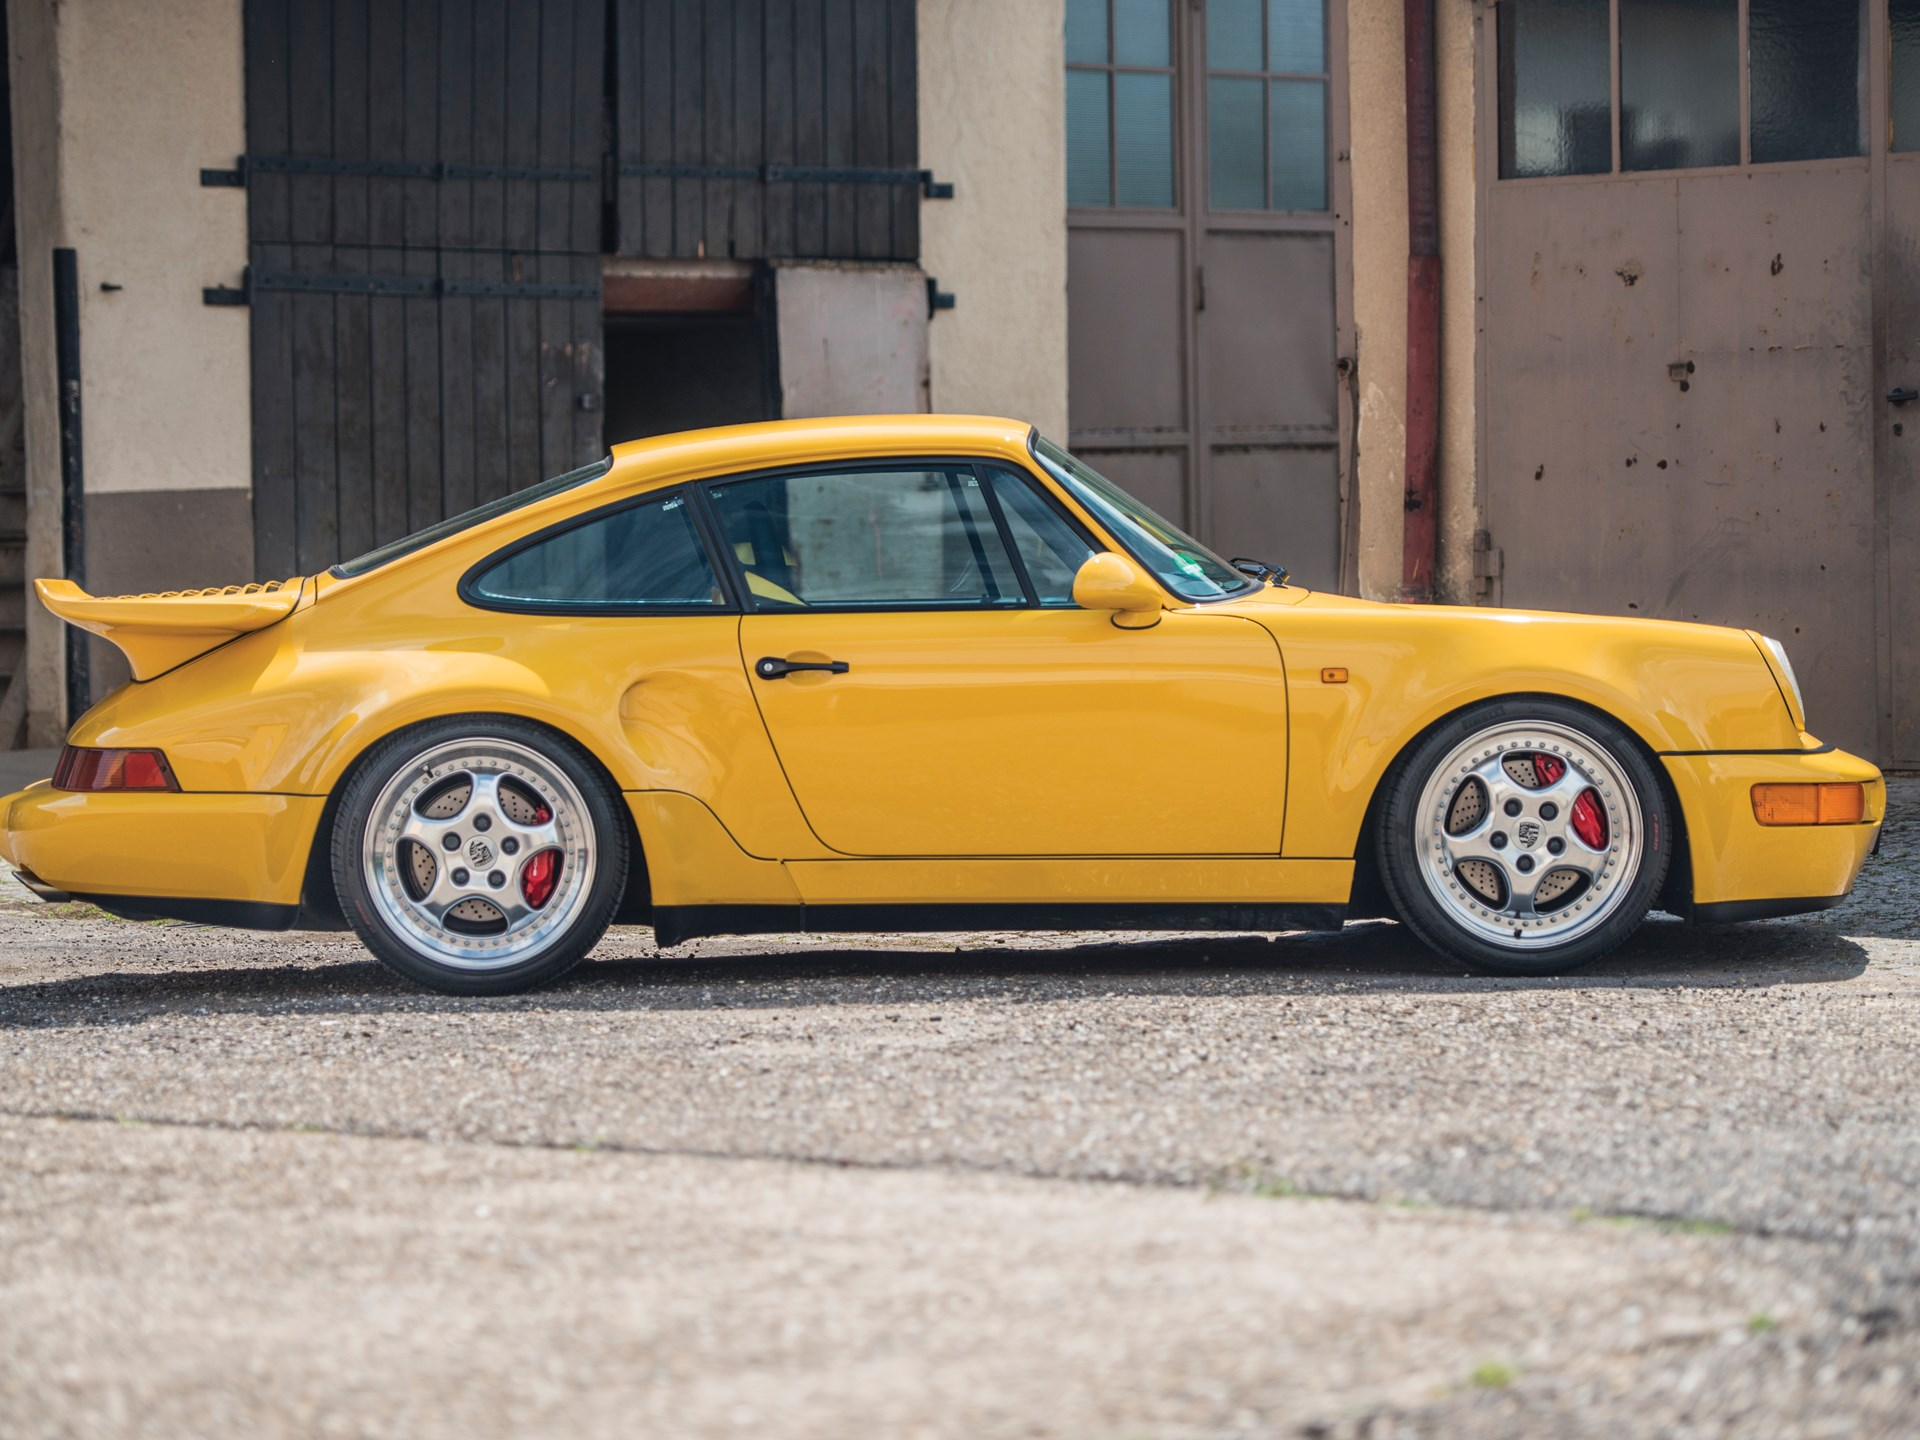 1993 Porsche 911 Turbo S Lightweight